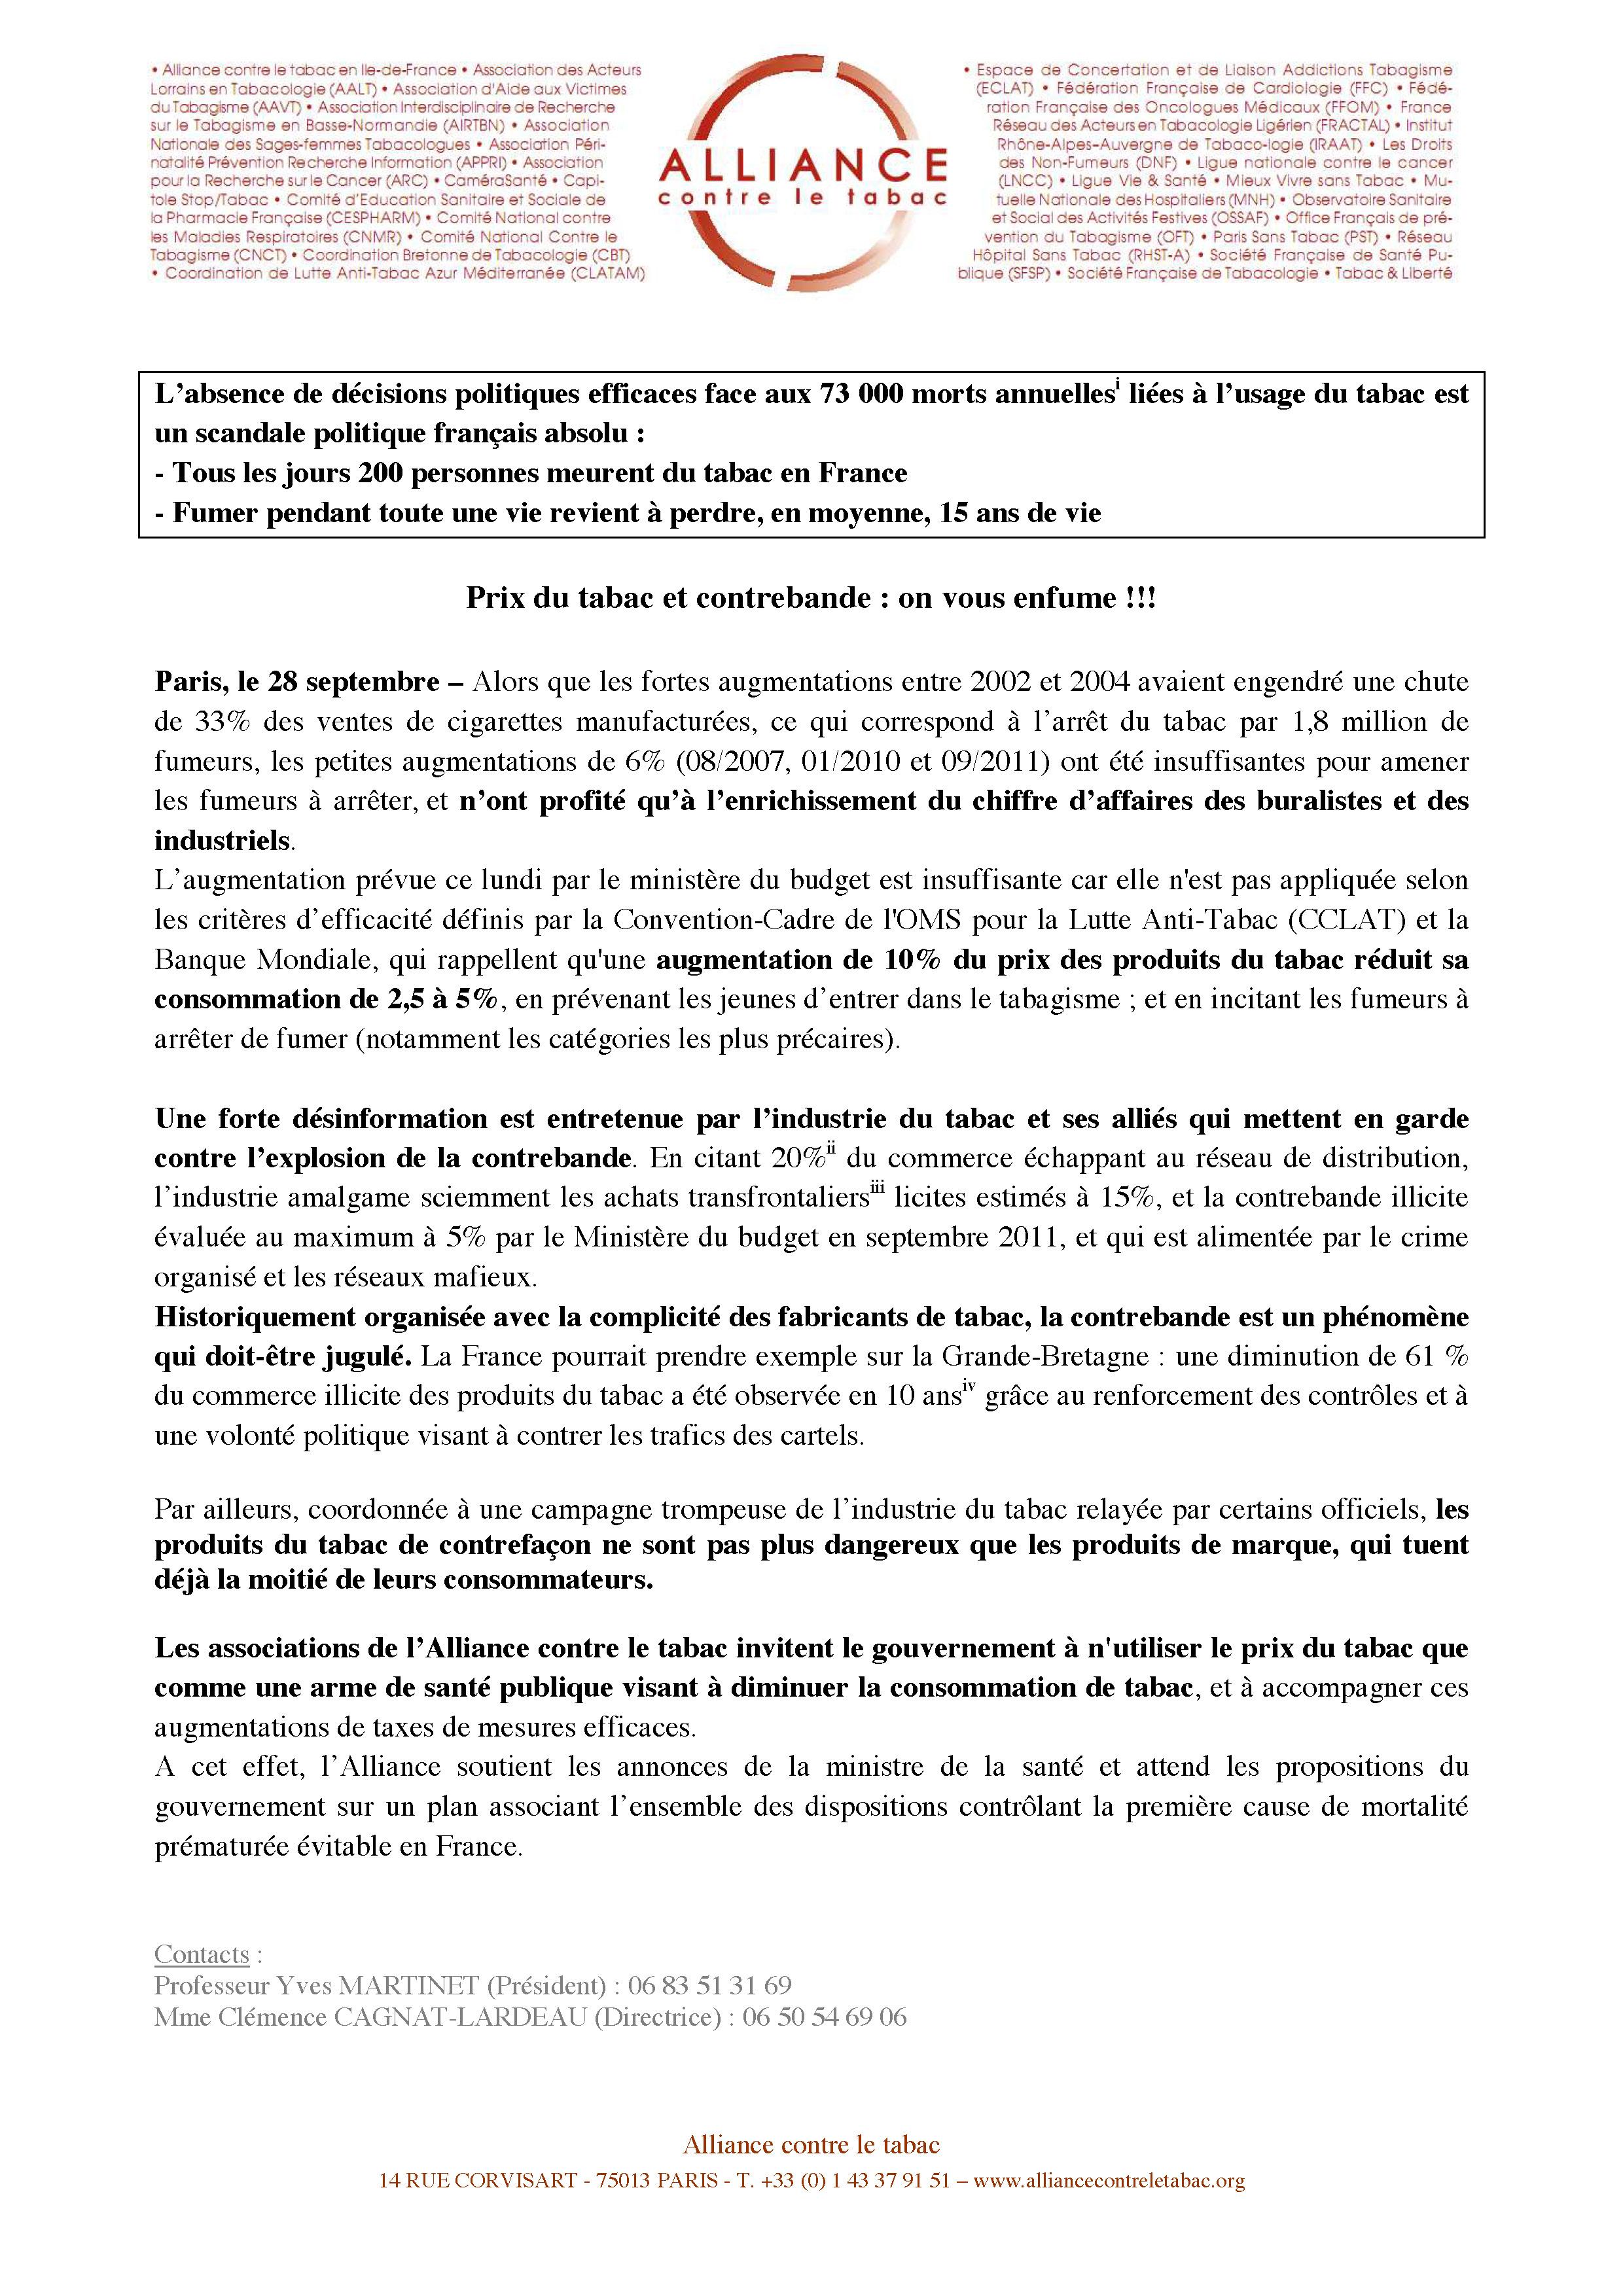 Alliance-CP_prix-du-tabac-et-contrebande-on vous enfume-28sept2012_Page_1.jpg